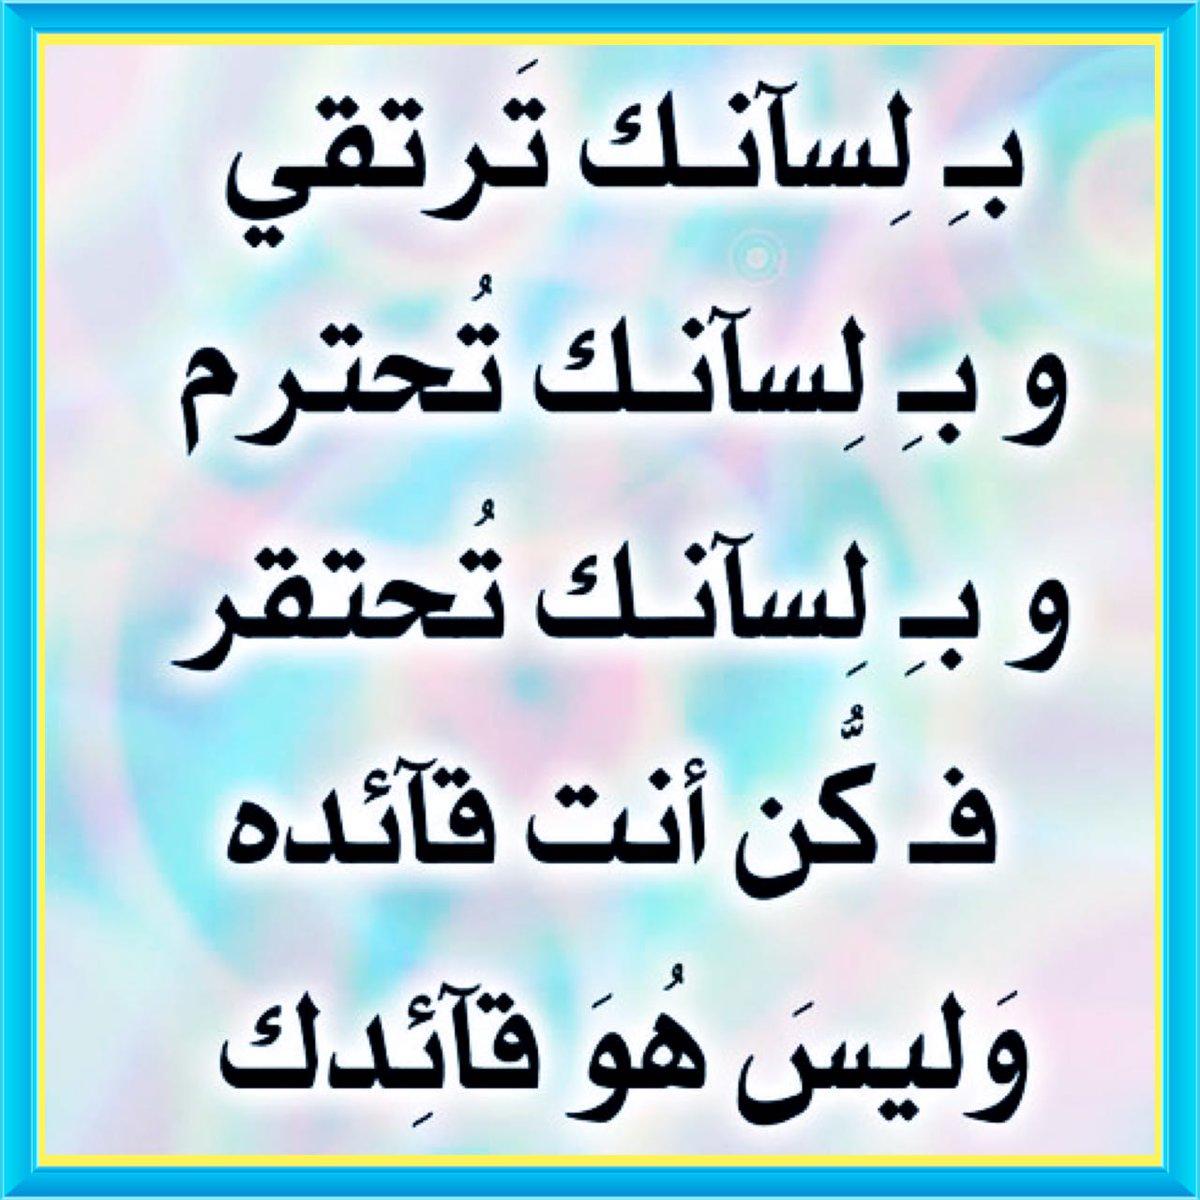 صورة معنى ثكلتك امك , معاني كلمات عربية قديمة